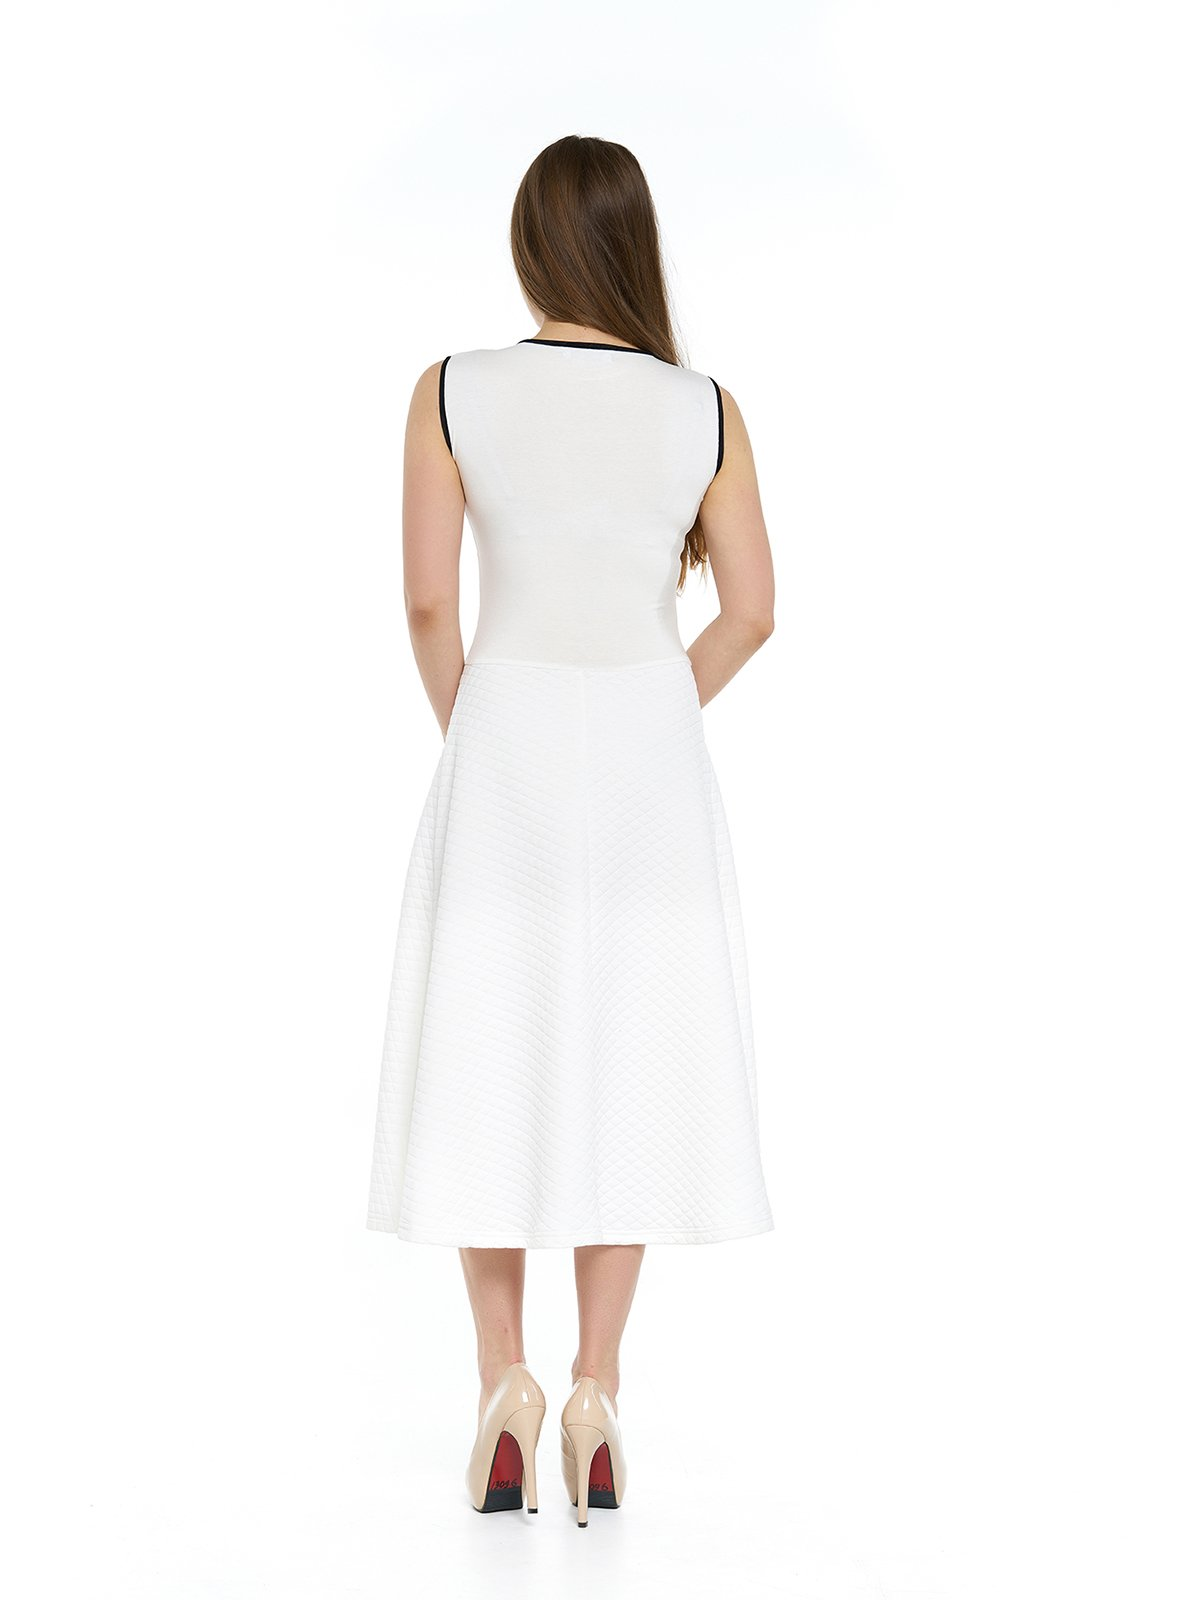 Сукня молочного кольору з мереживом | 3264138 | фото 2